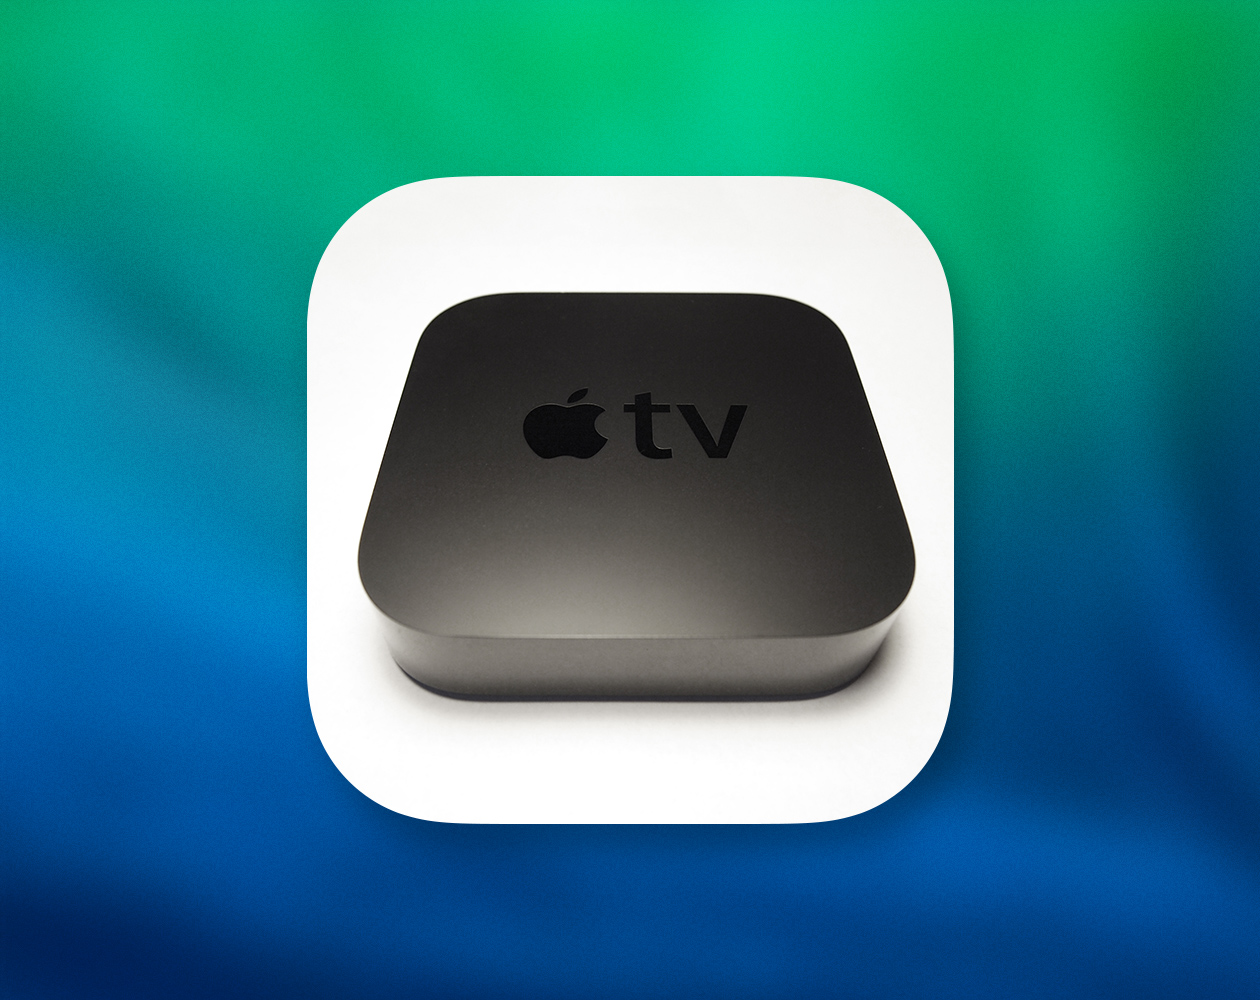 9 полезных советов для тех, кто недавно приобрел Apple TV